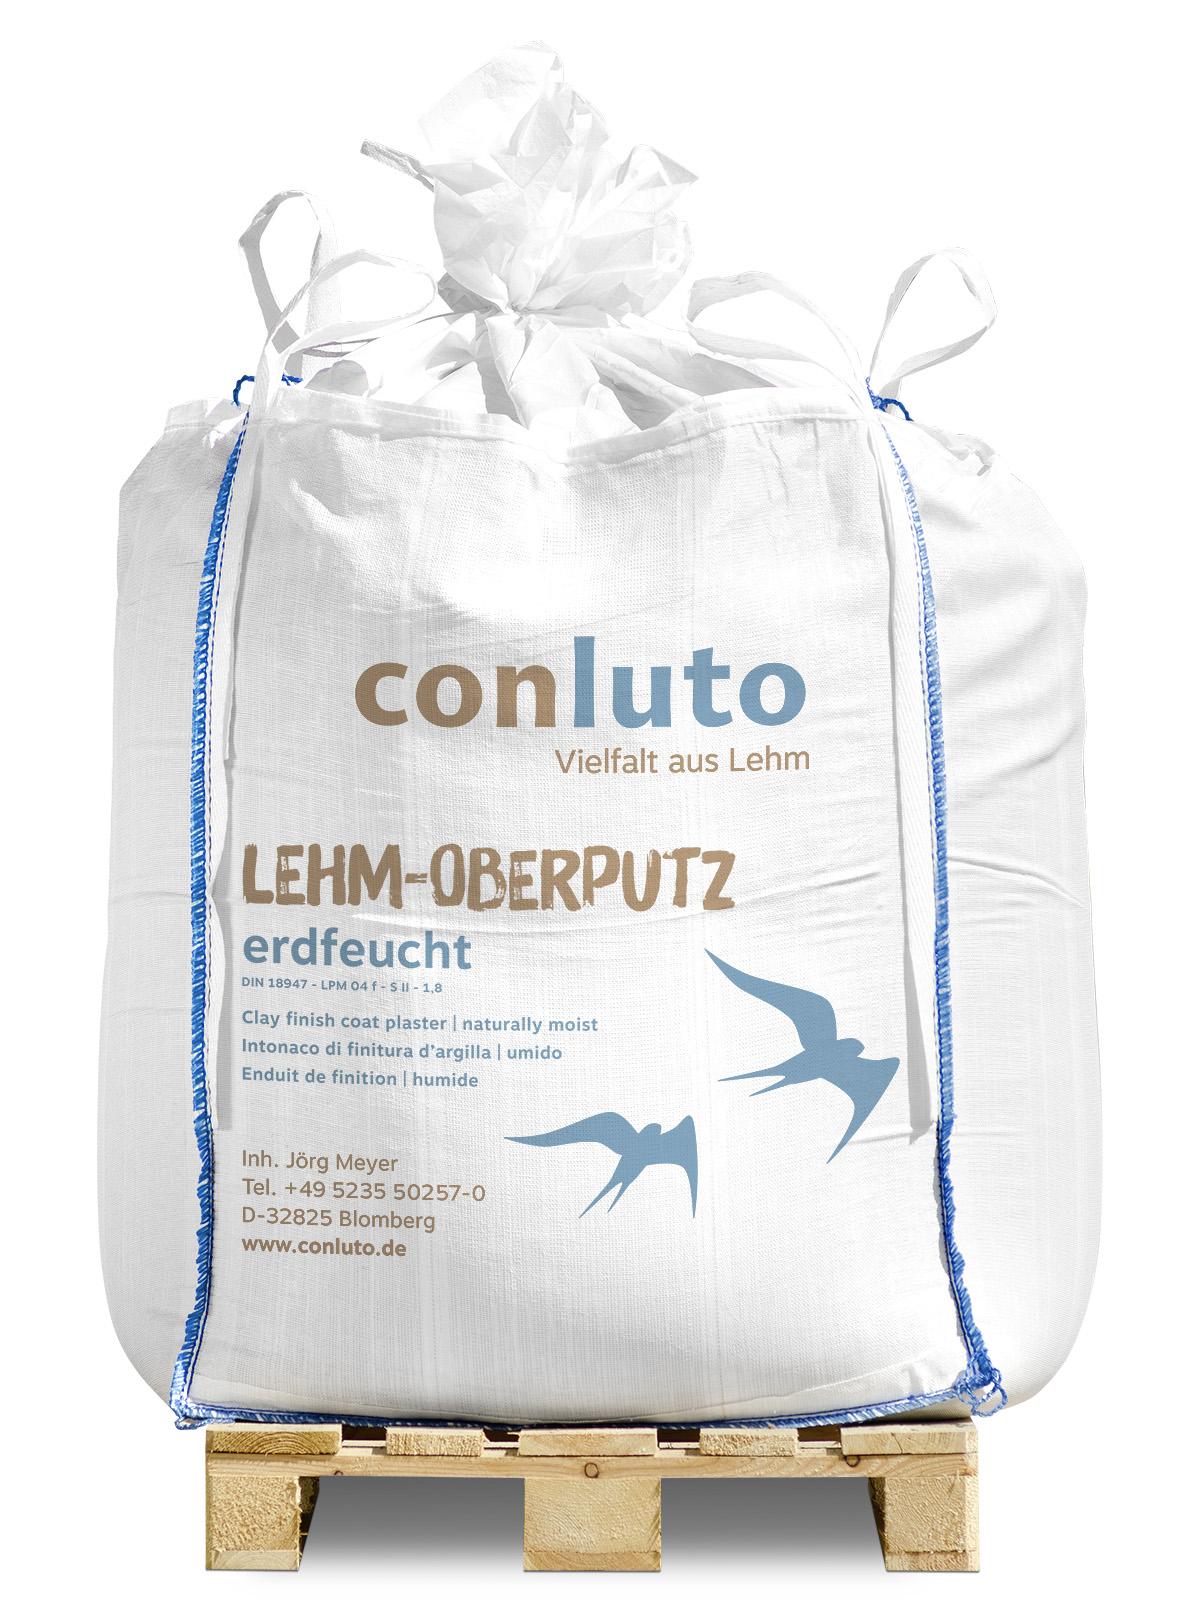 conluto Lehm-Oberputz erdfeucht